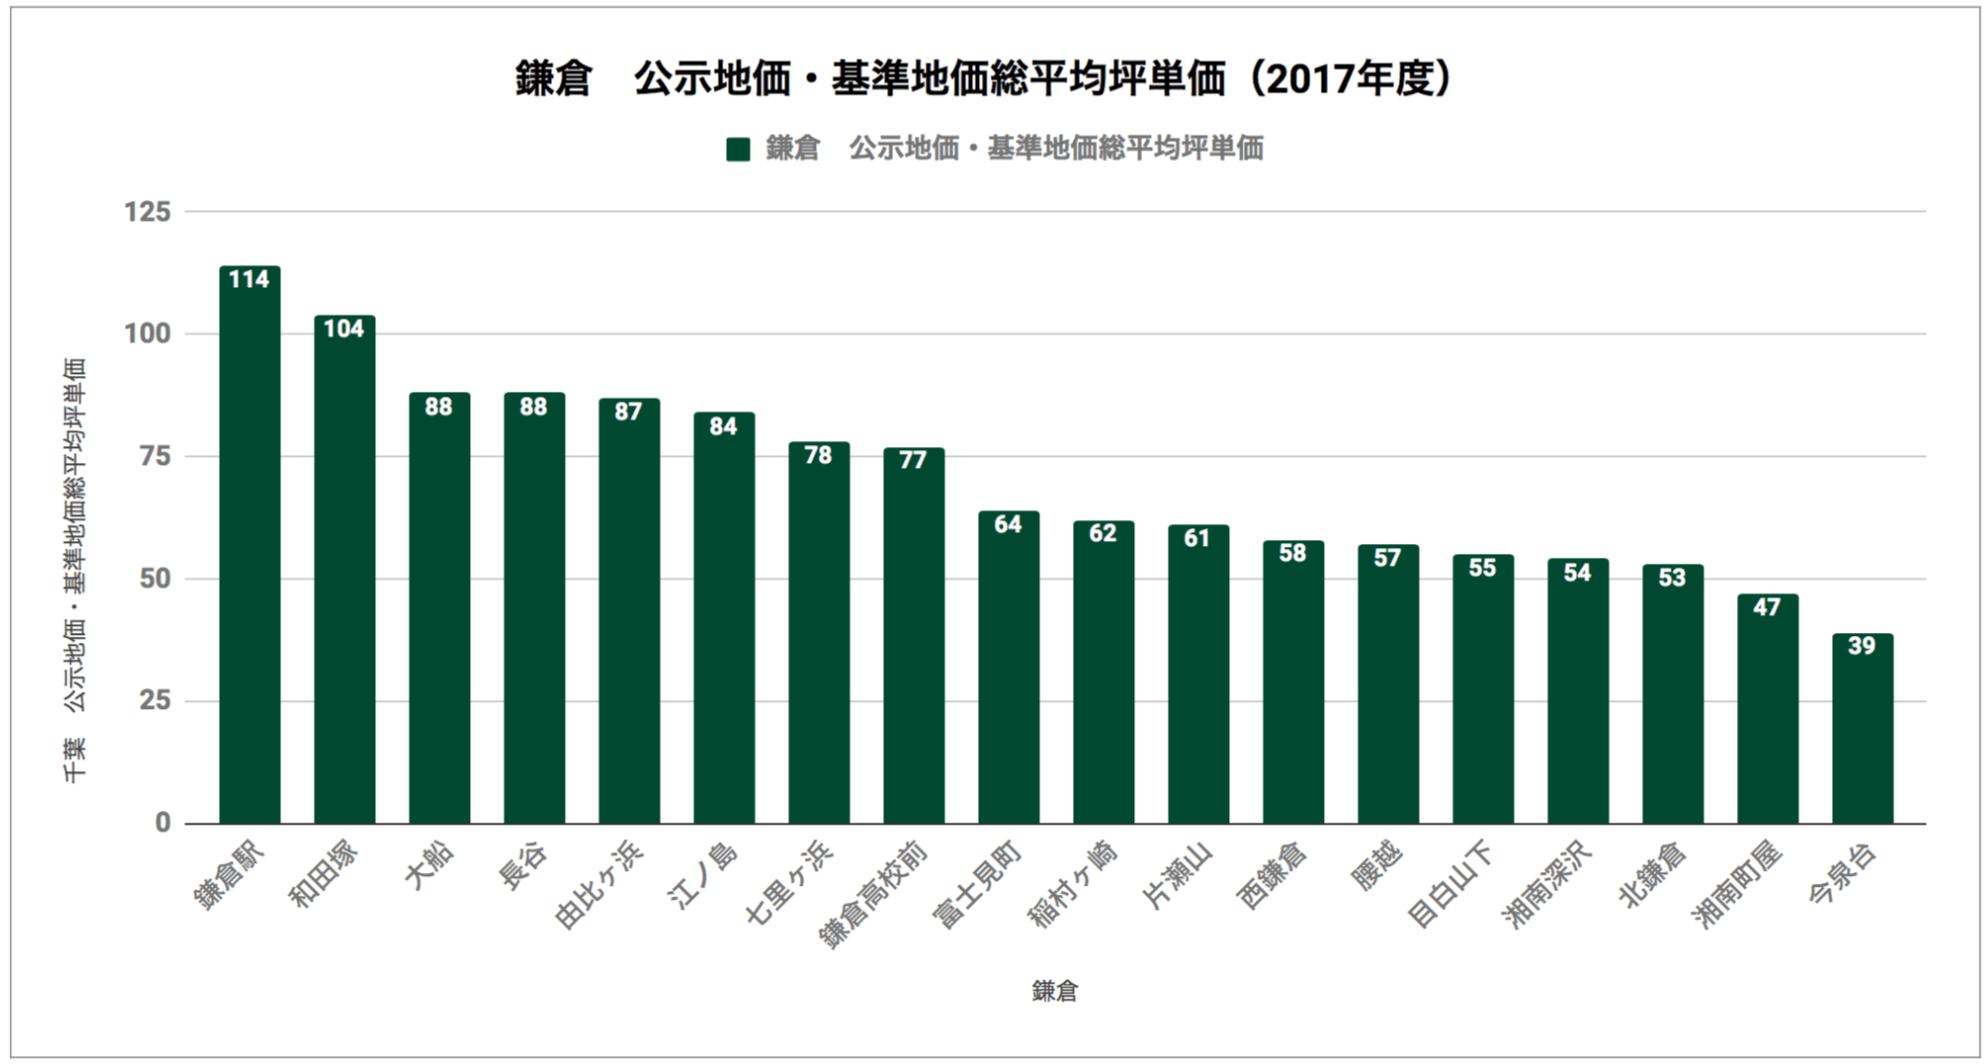 鎌倉「公示地価・基準地価総平均坪単価(2017年度)」